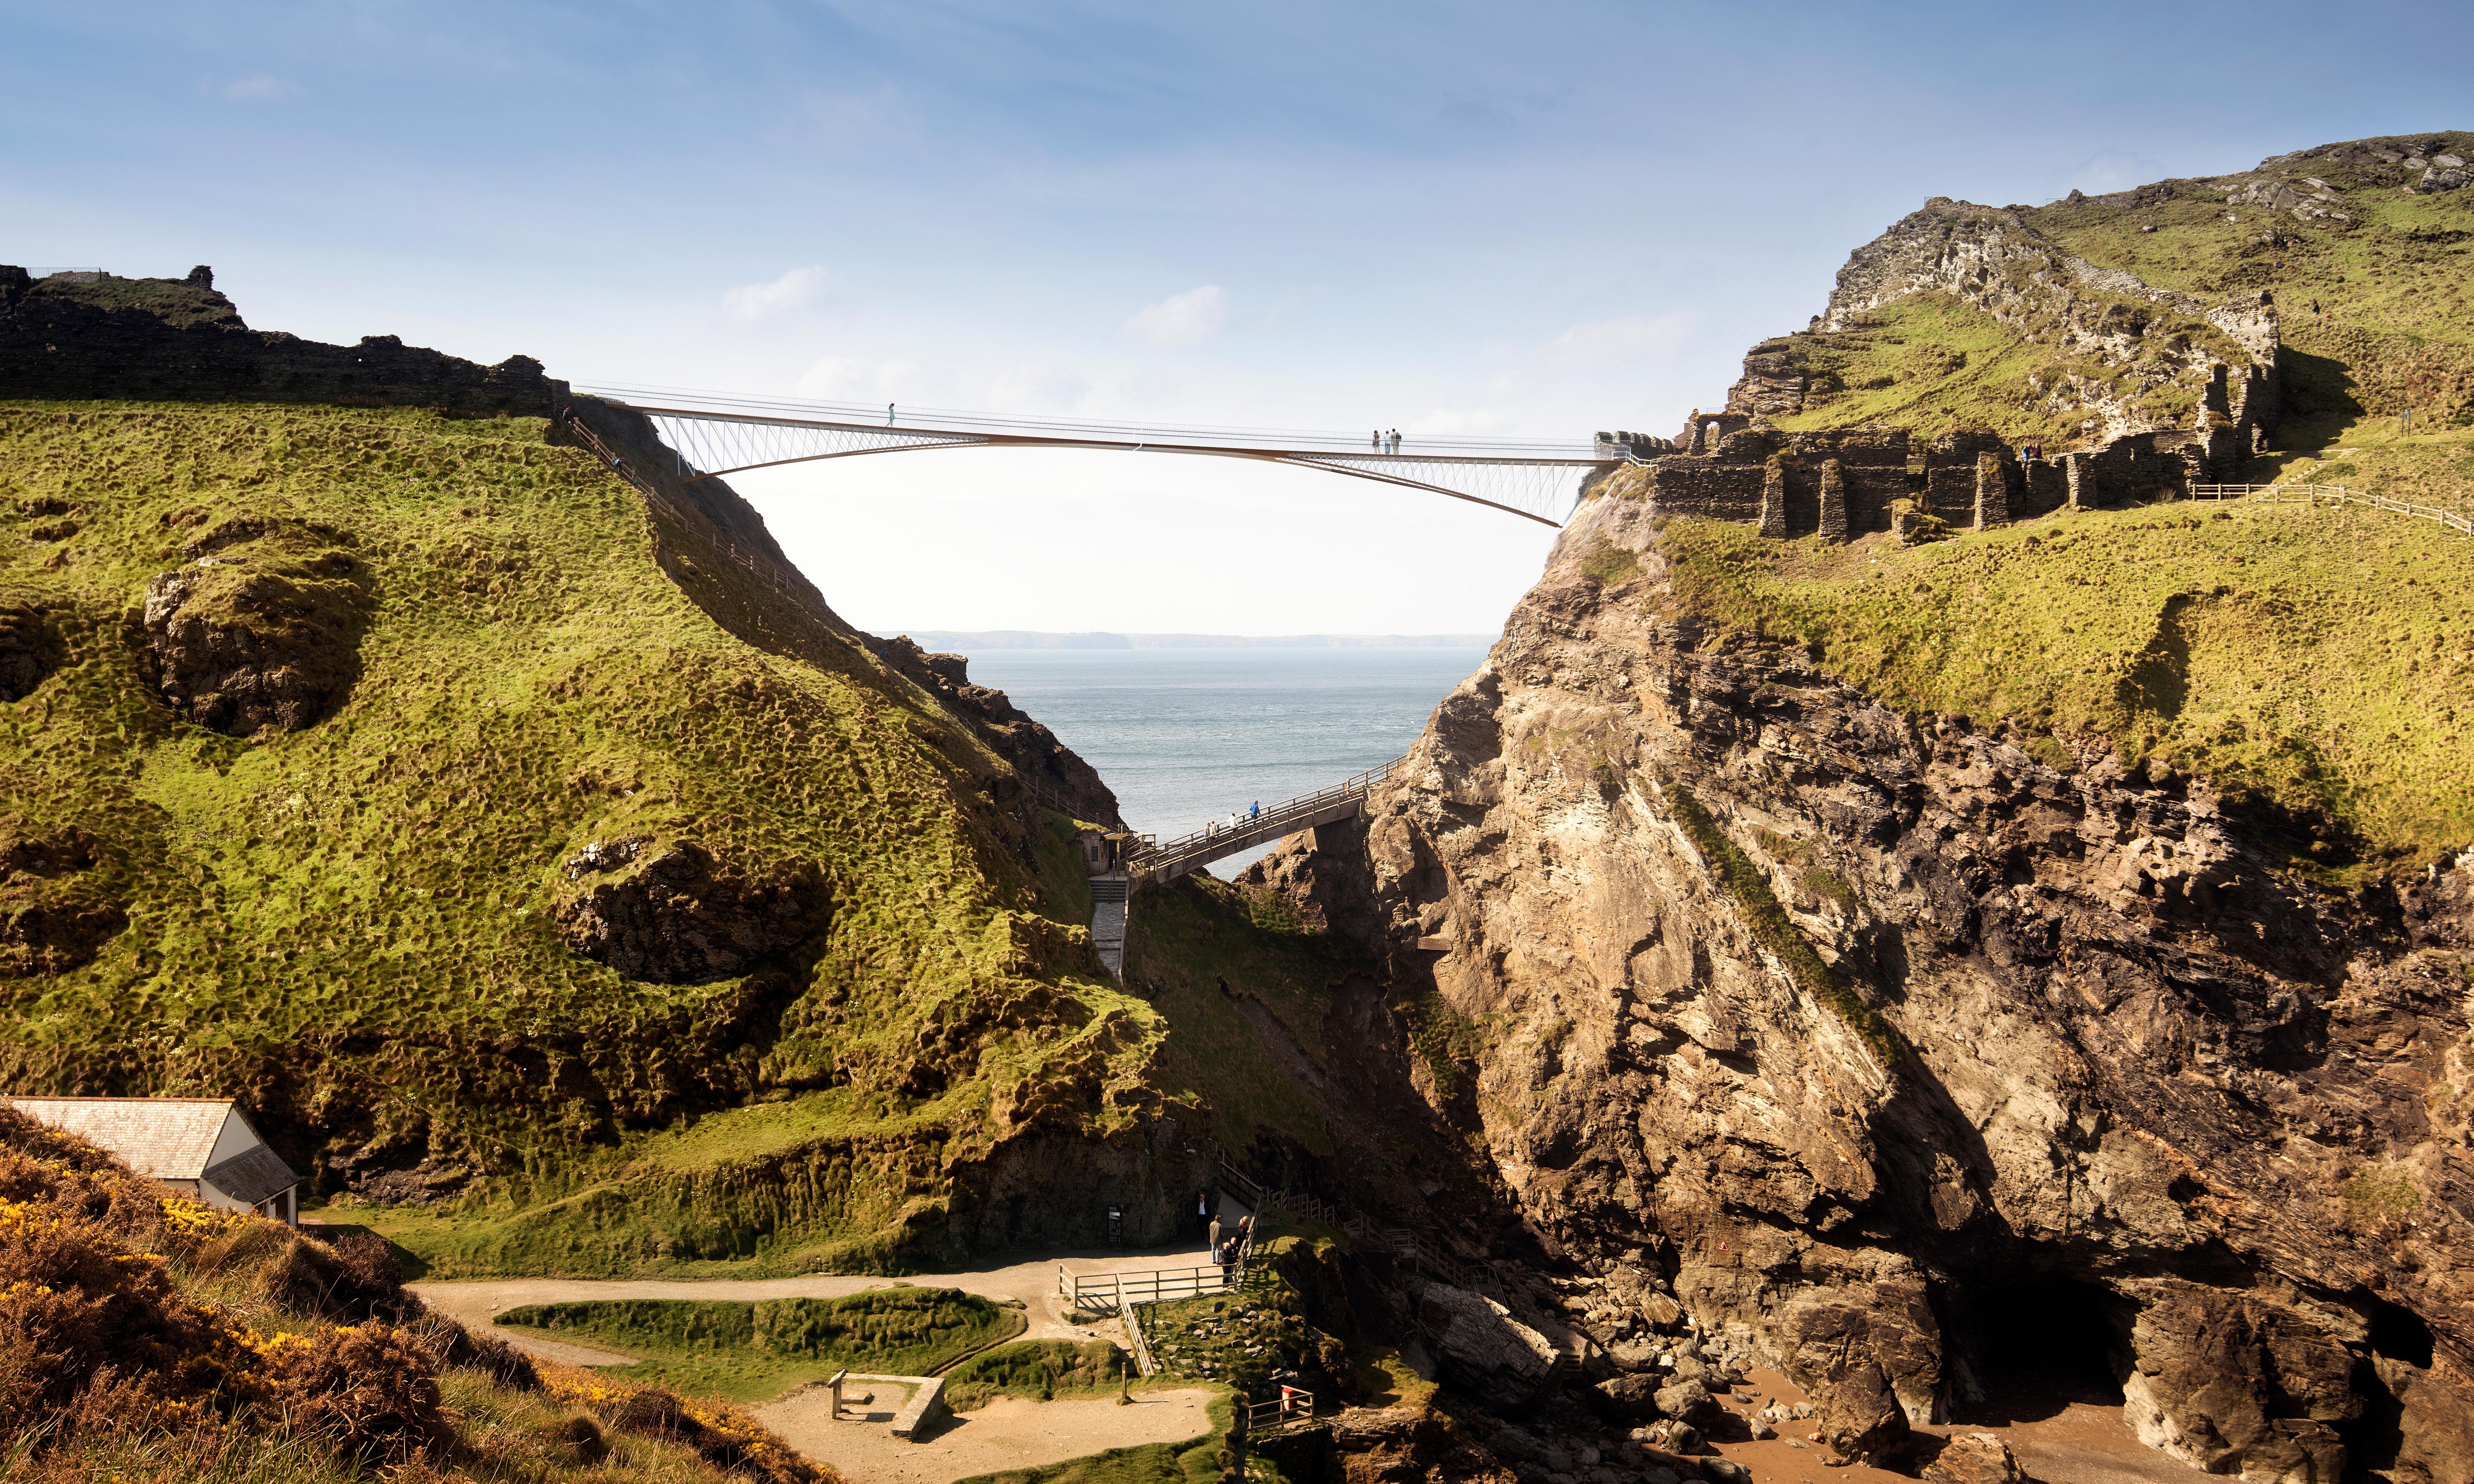 New Tintagel Castle footbridge retraces line of ancient land link